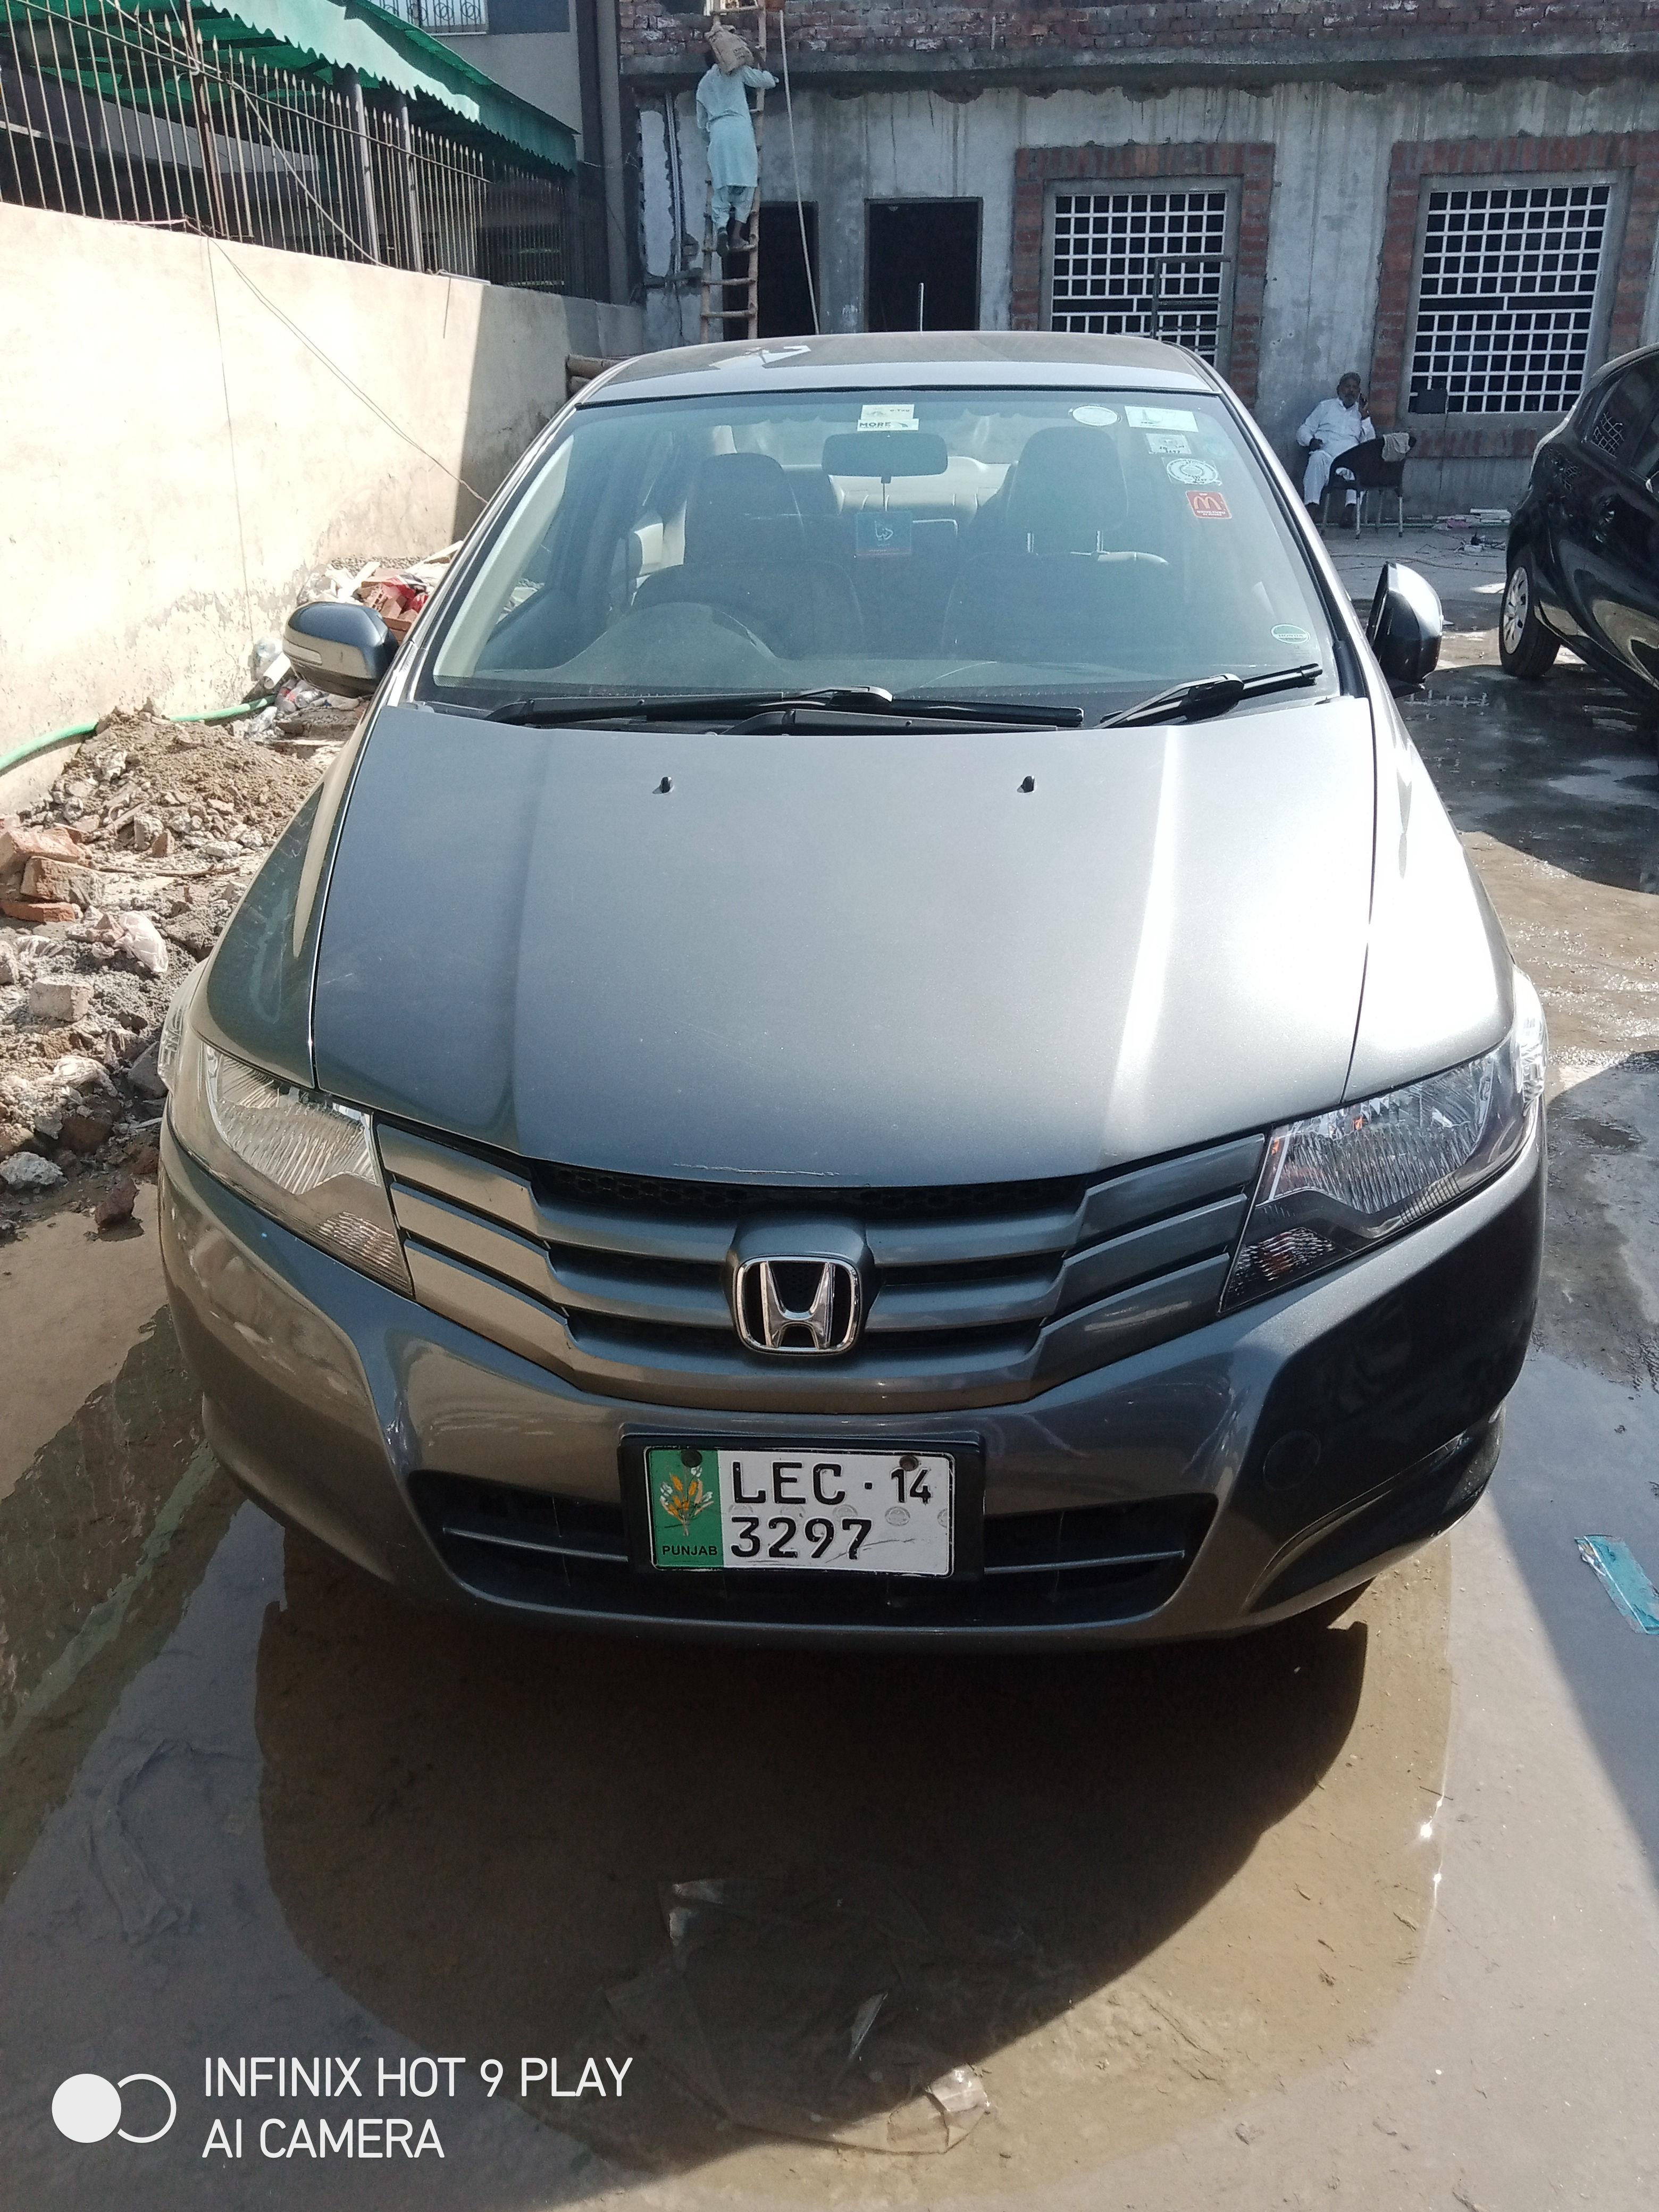 Honda City 1.5 i-VTEC 2014